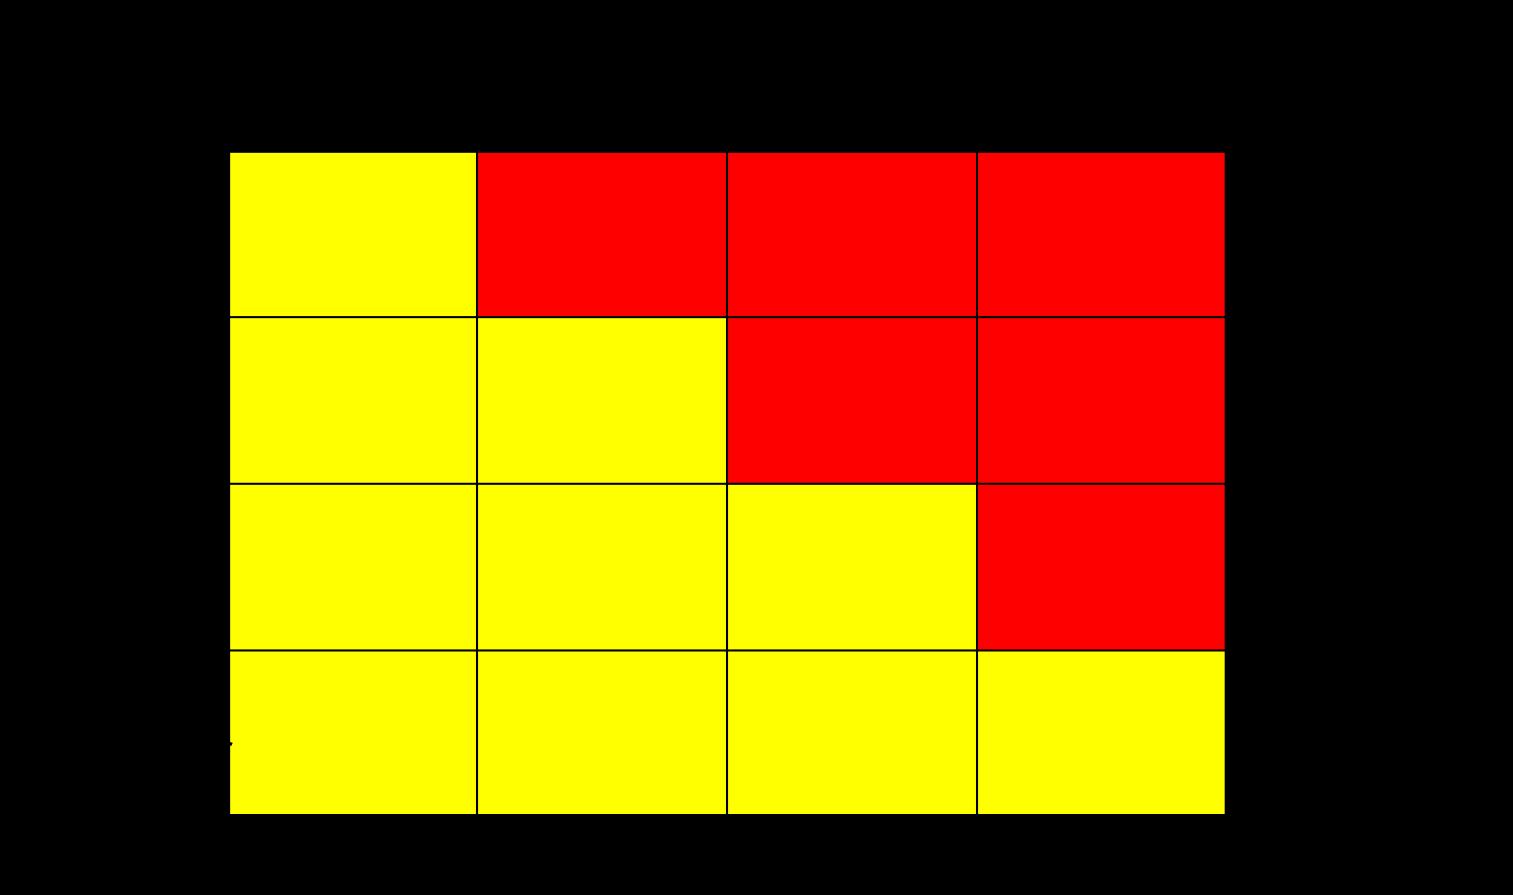 Risikobewertungsmatrix - Risikoakzeptanz - Risikopolitik ~ Besipiel